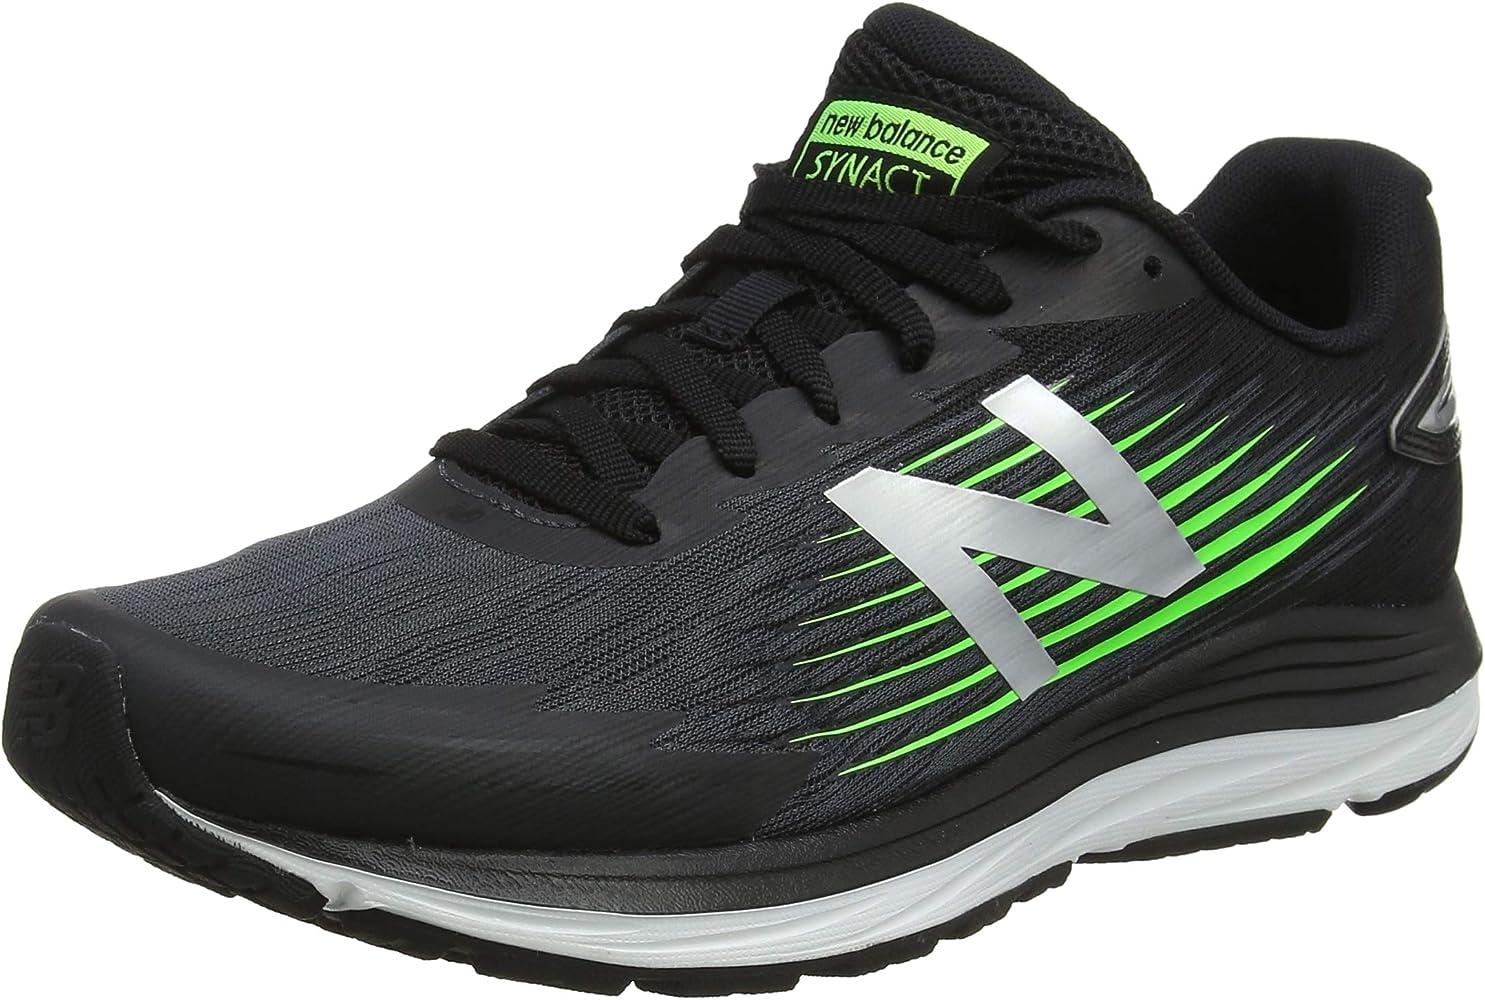 New Balance Synact, Zapatillas de Running para Hombre, Negro ...